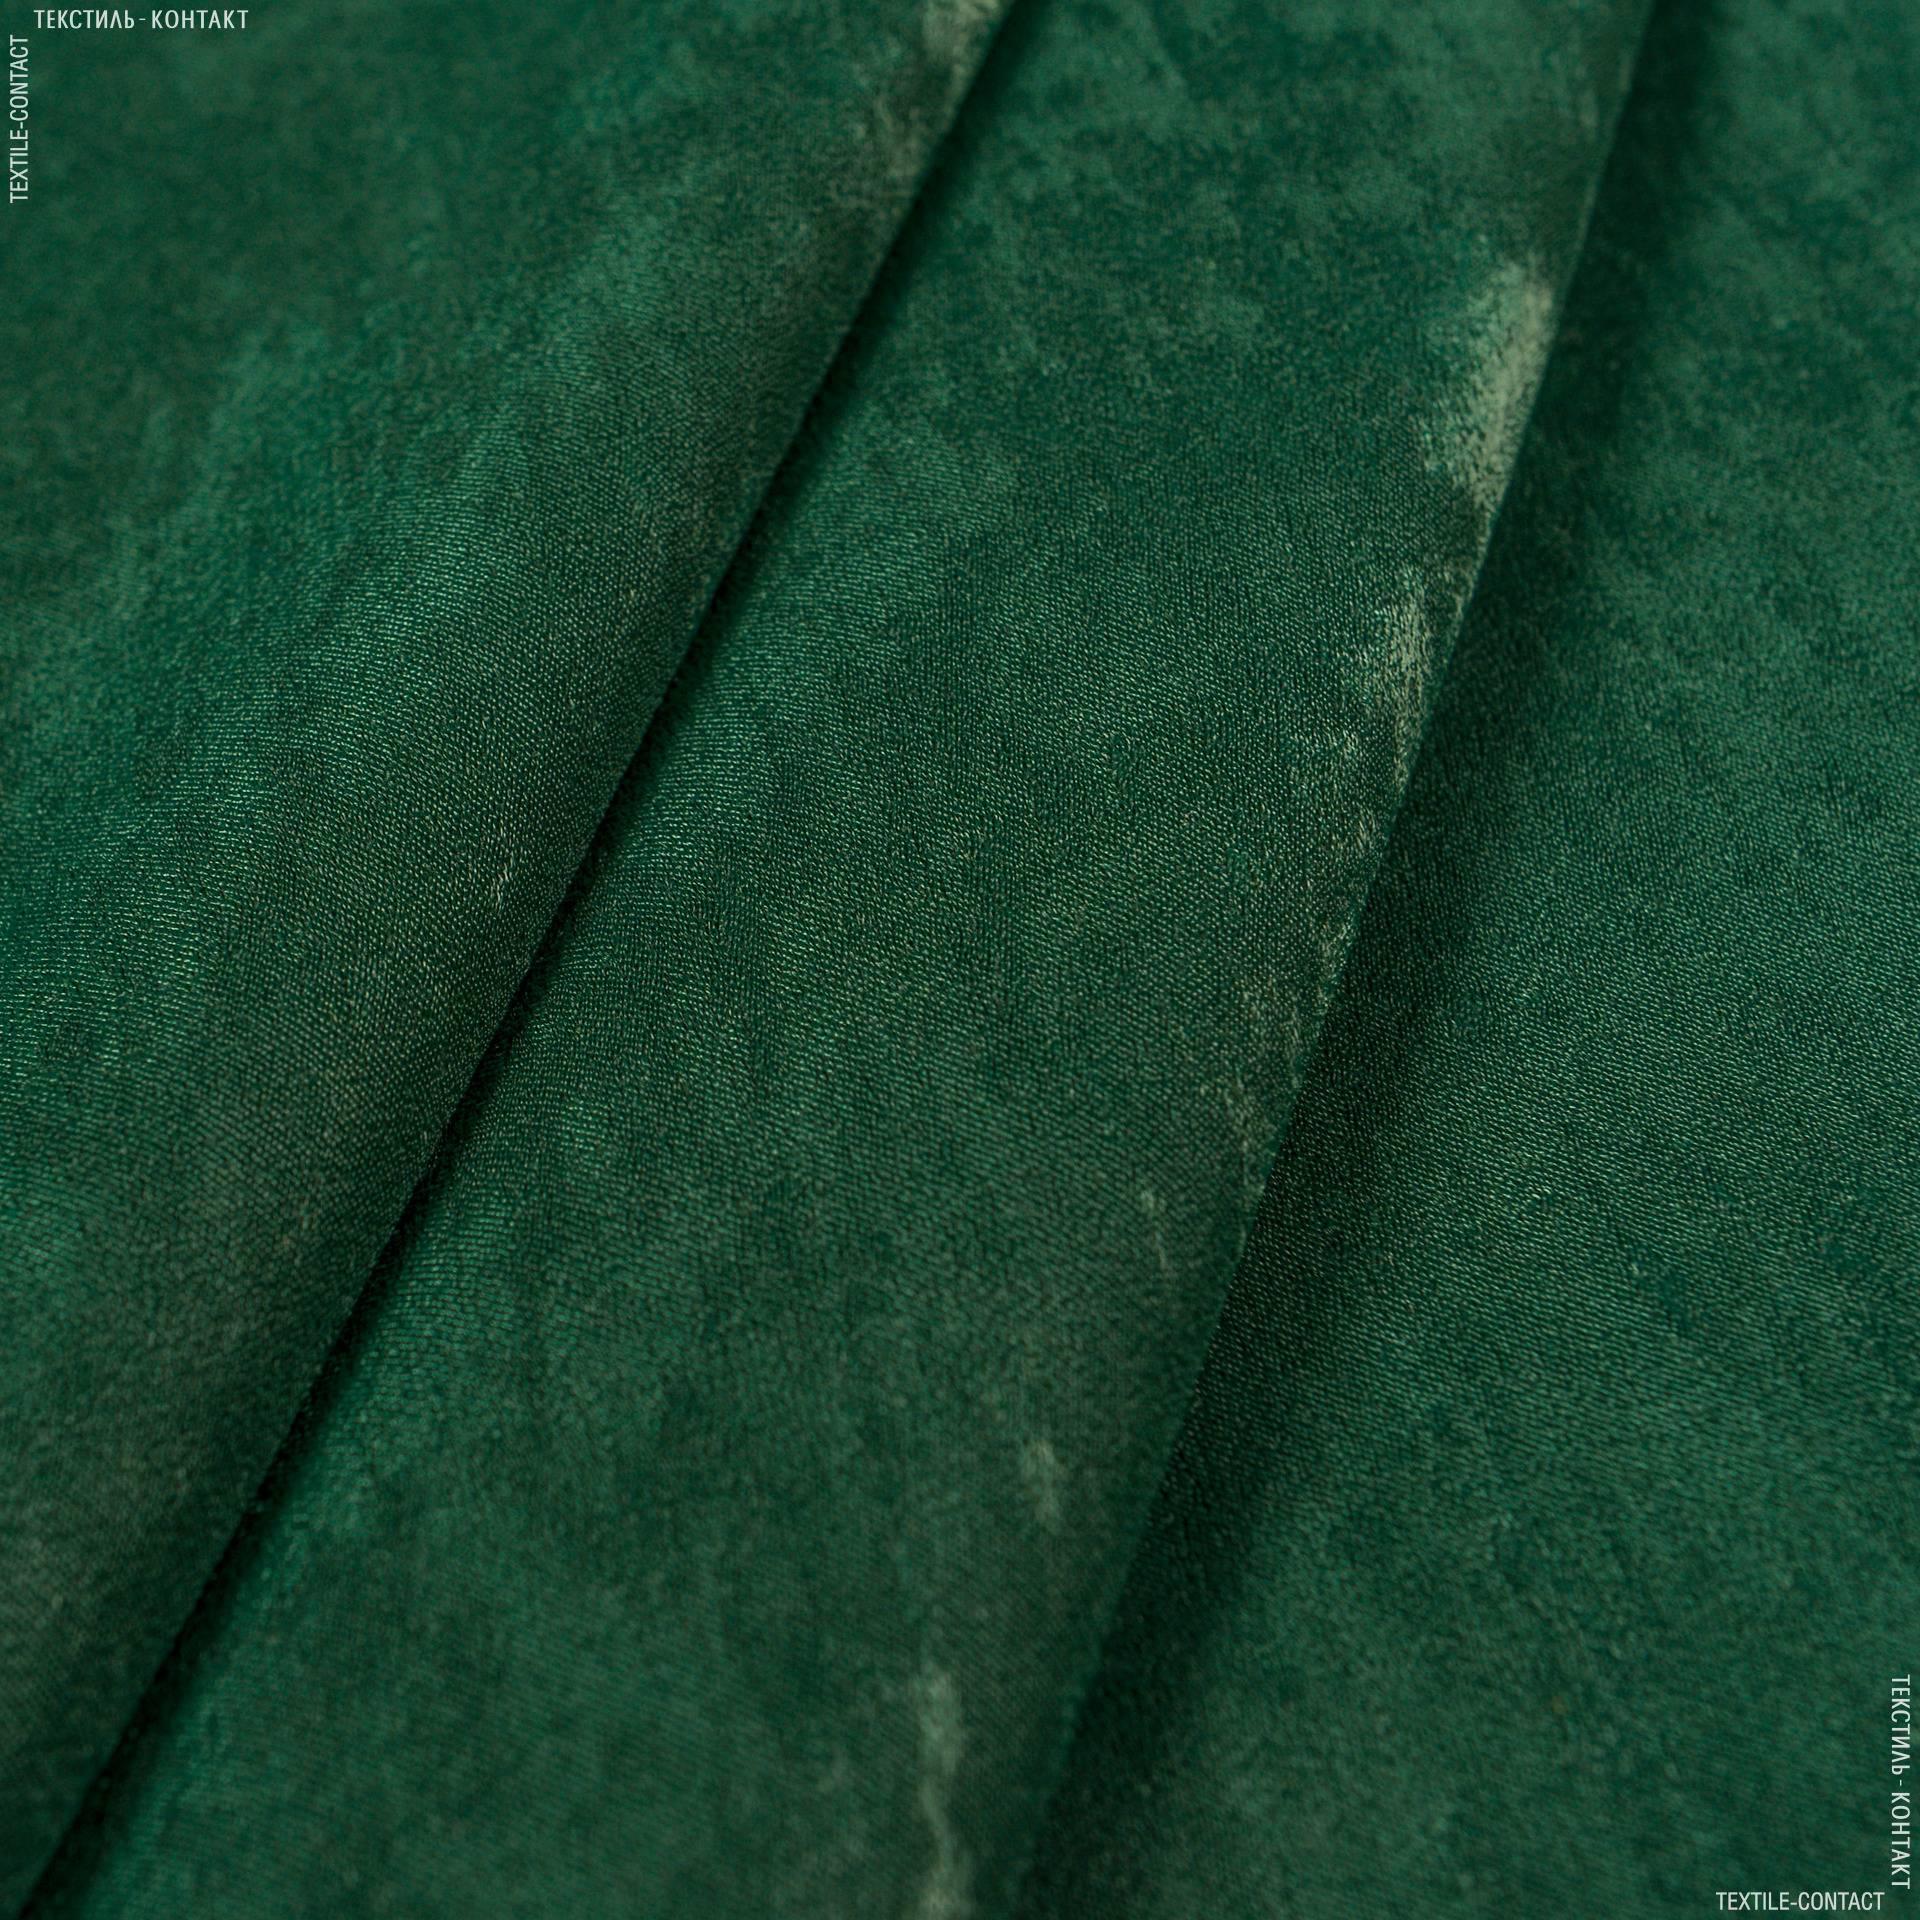 Купить зеленую ткань портьерную наборы из кожи для вязаных сумок